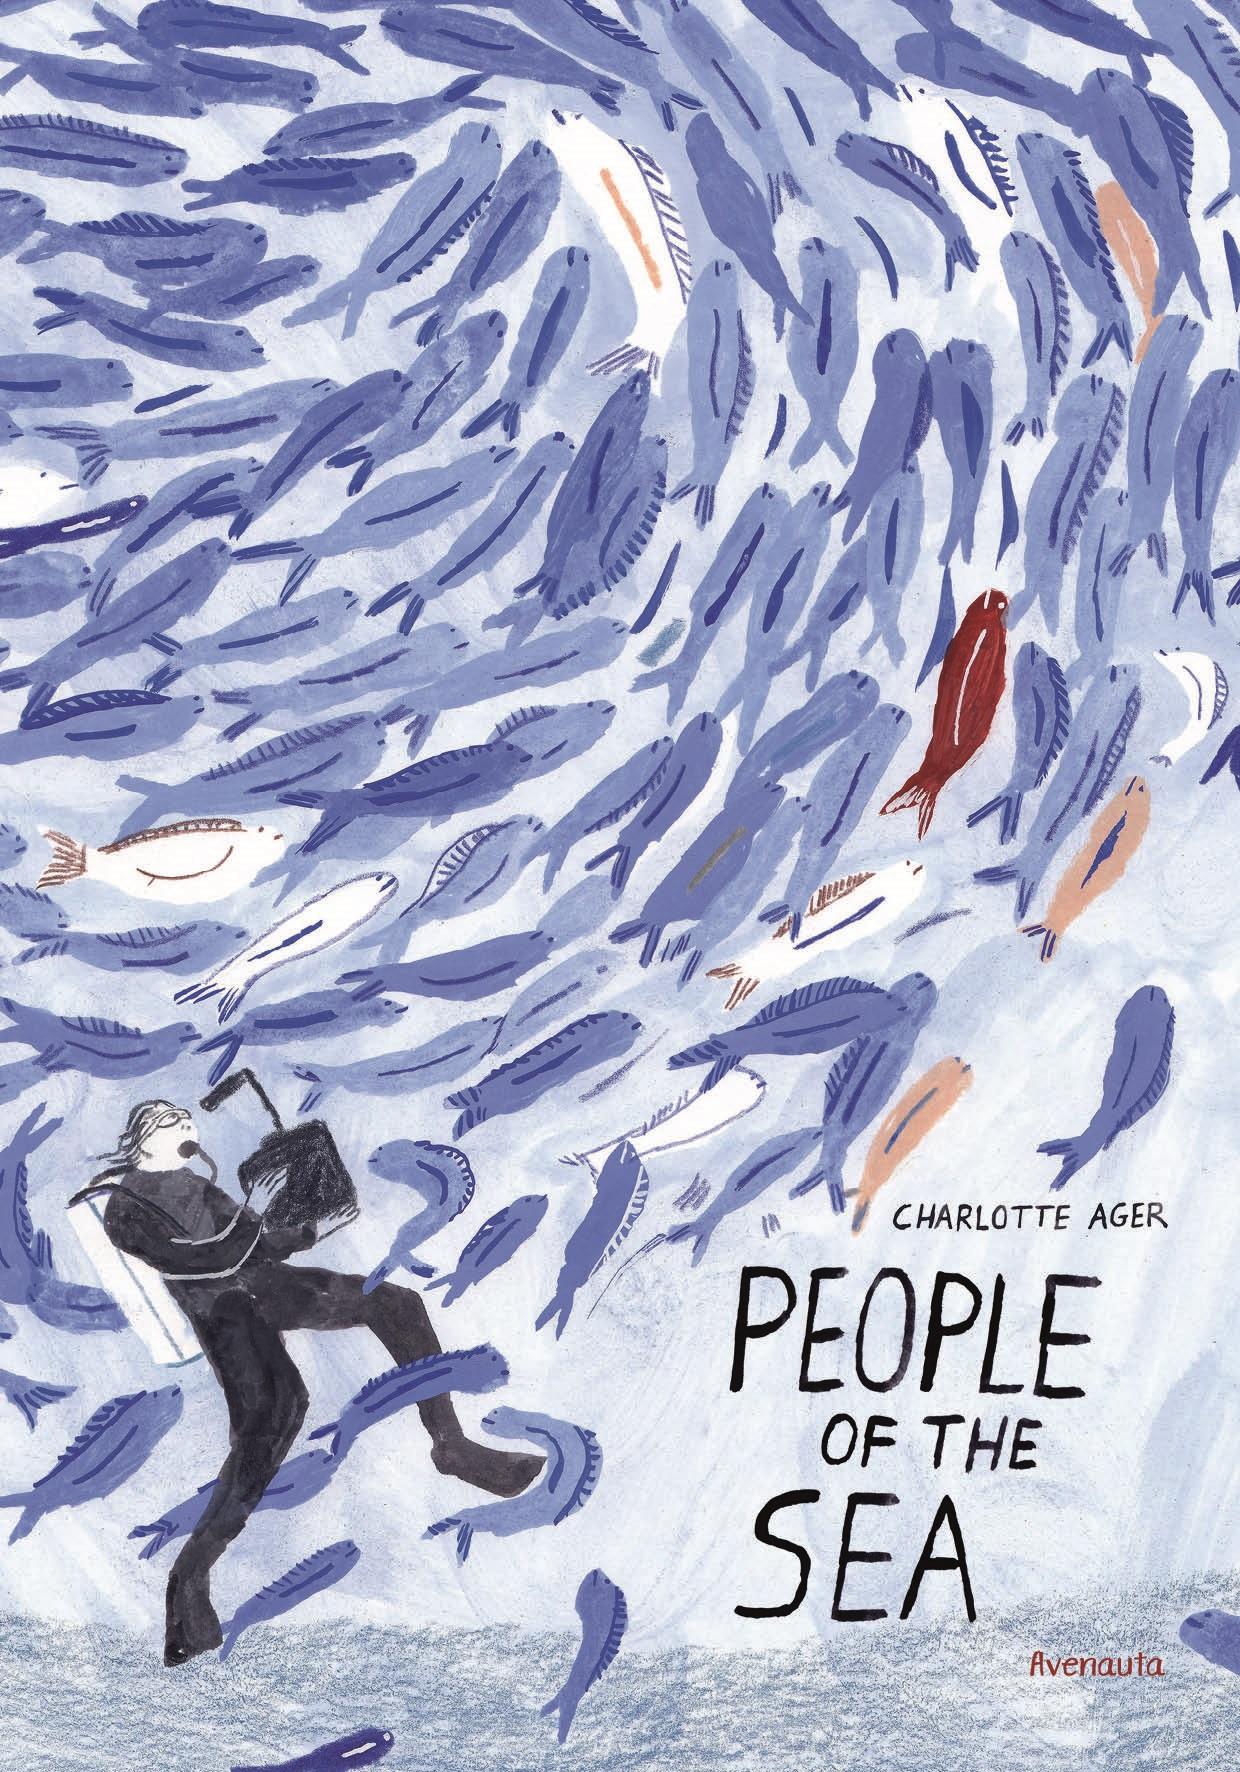 AVENAUTA PEOPLE OF THE SEA cover